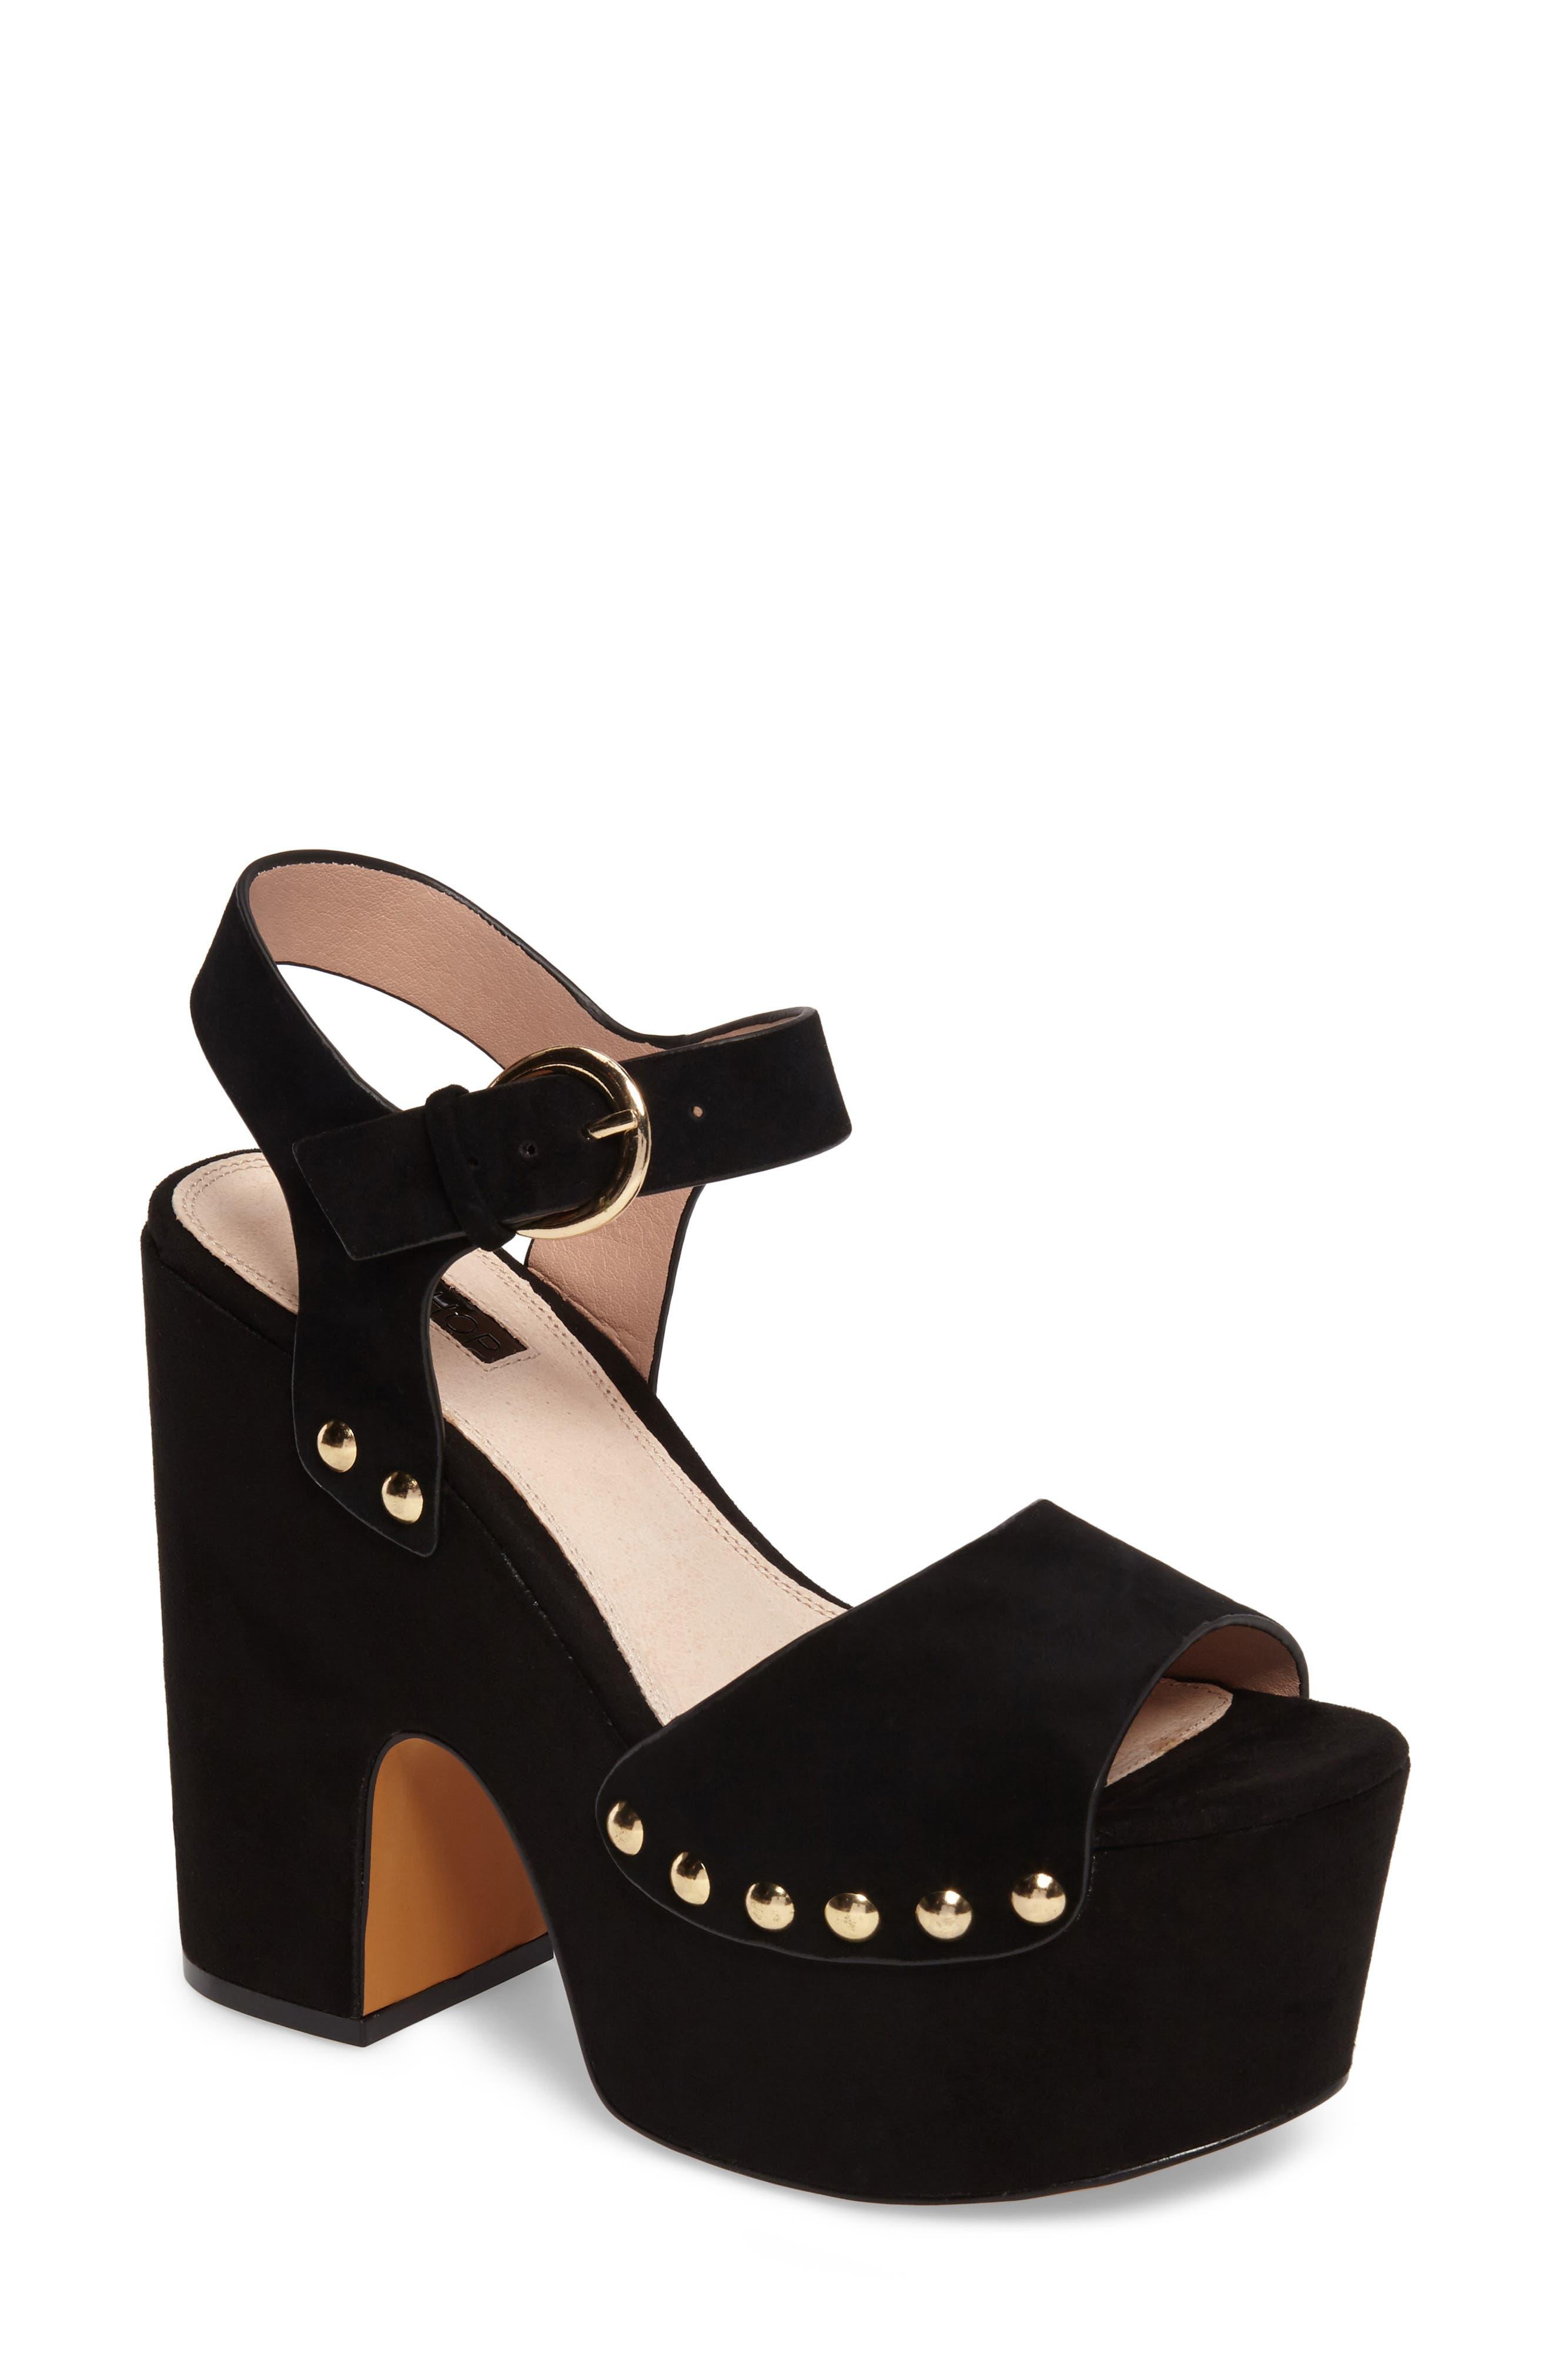 Lourdes Embroidered Platform Sandal,                         Main,                         color, Solid Black